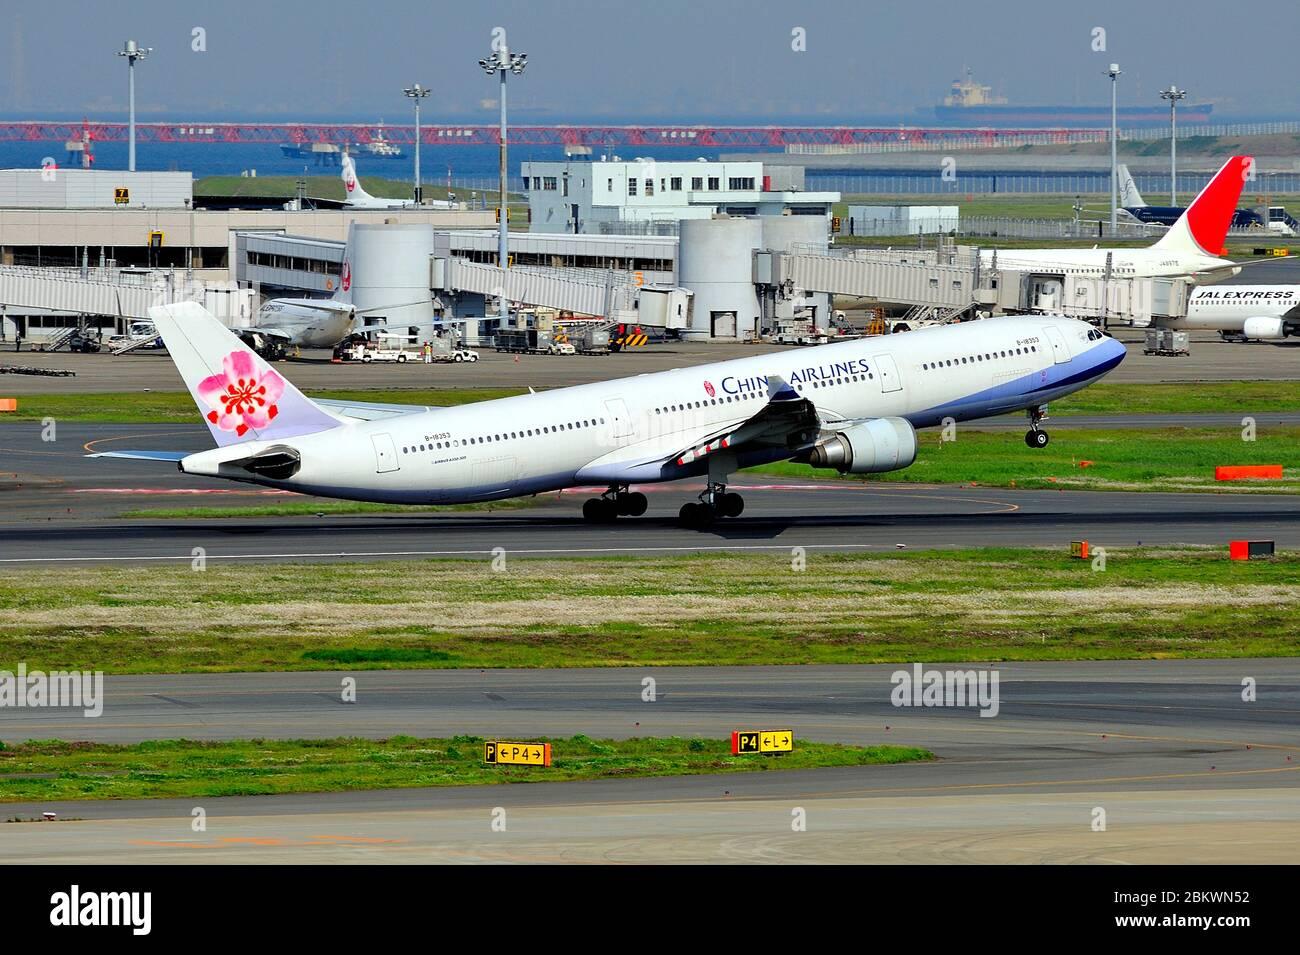 China Airlines, Taiwán, Airbus, A330-300, B-18353, despegan, Aeropuerto Haneda de Tokio, Tokio, Japón Foto de stock